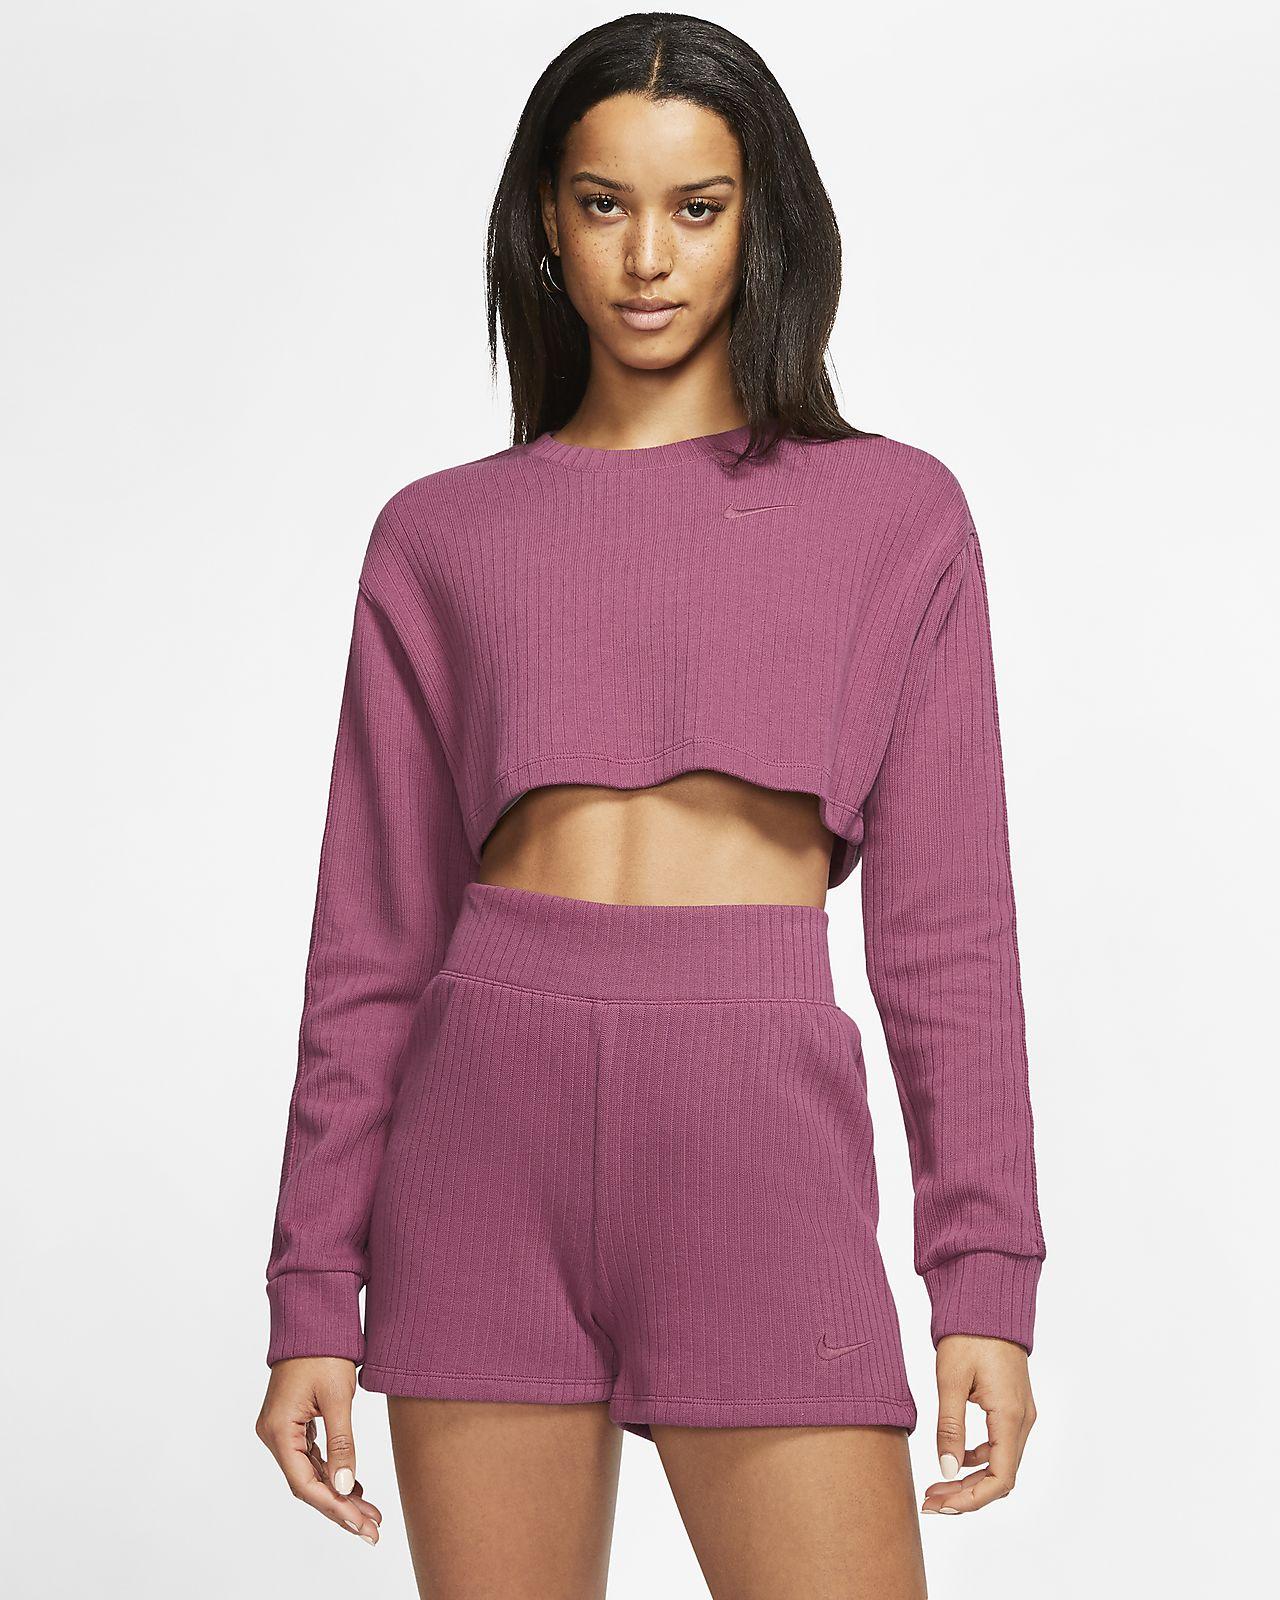 Ribbad tröja Nike Sportswear för kvinnor